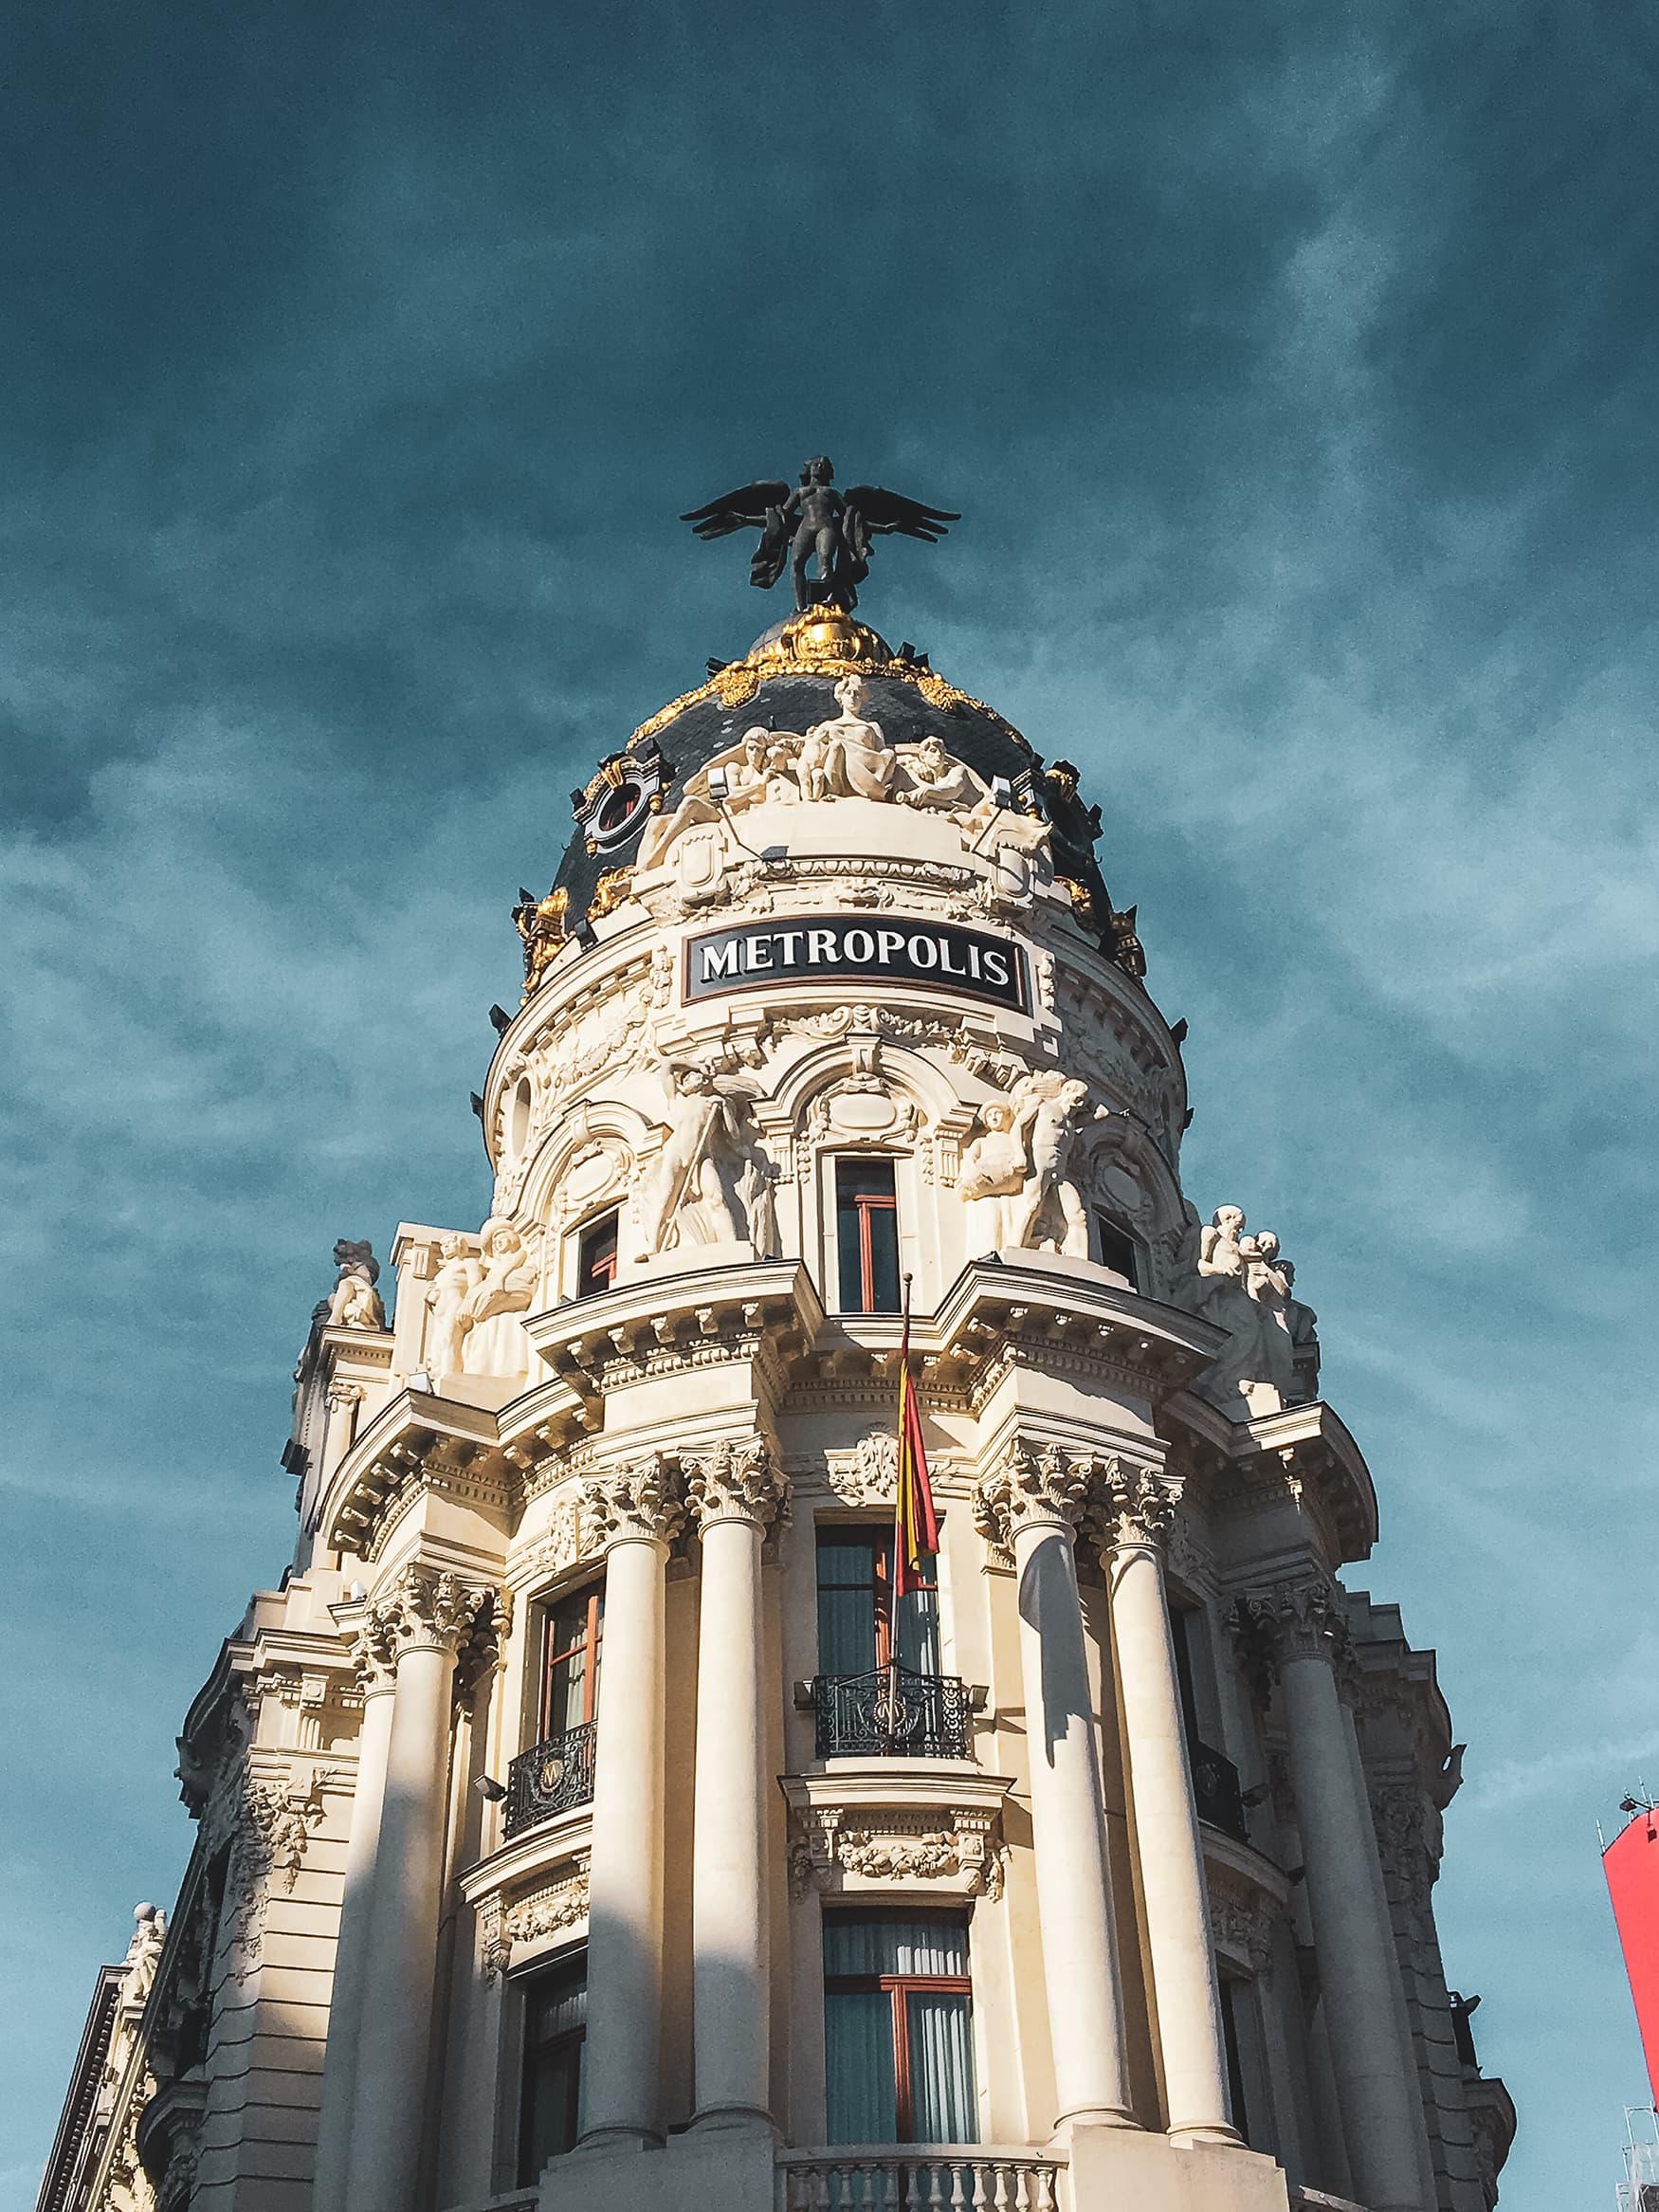 Das Metropolis-Haus ist das Instagram-Motiv schlechthin in Madrid